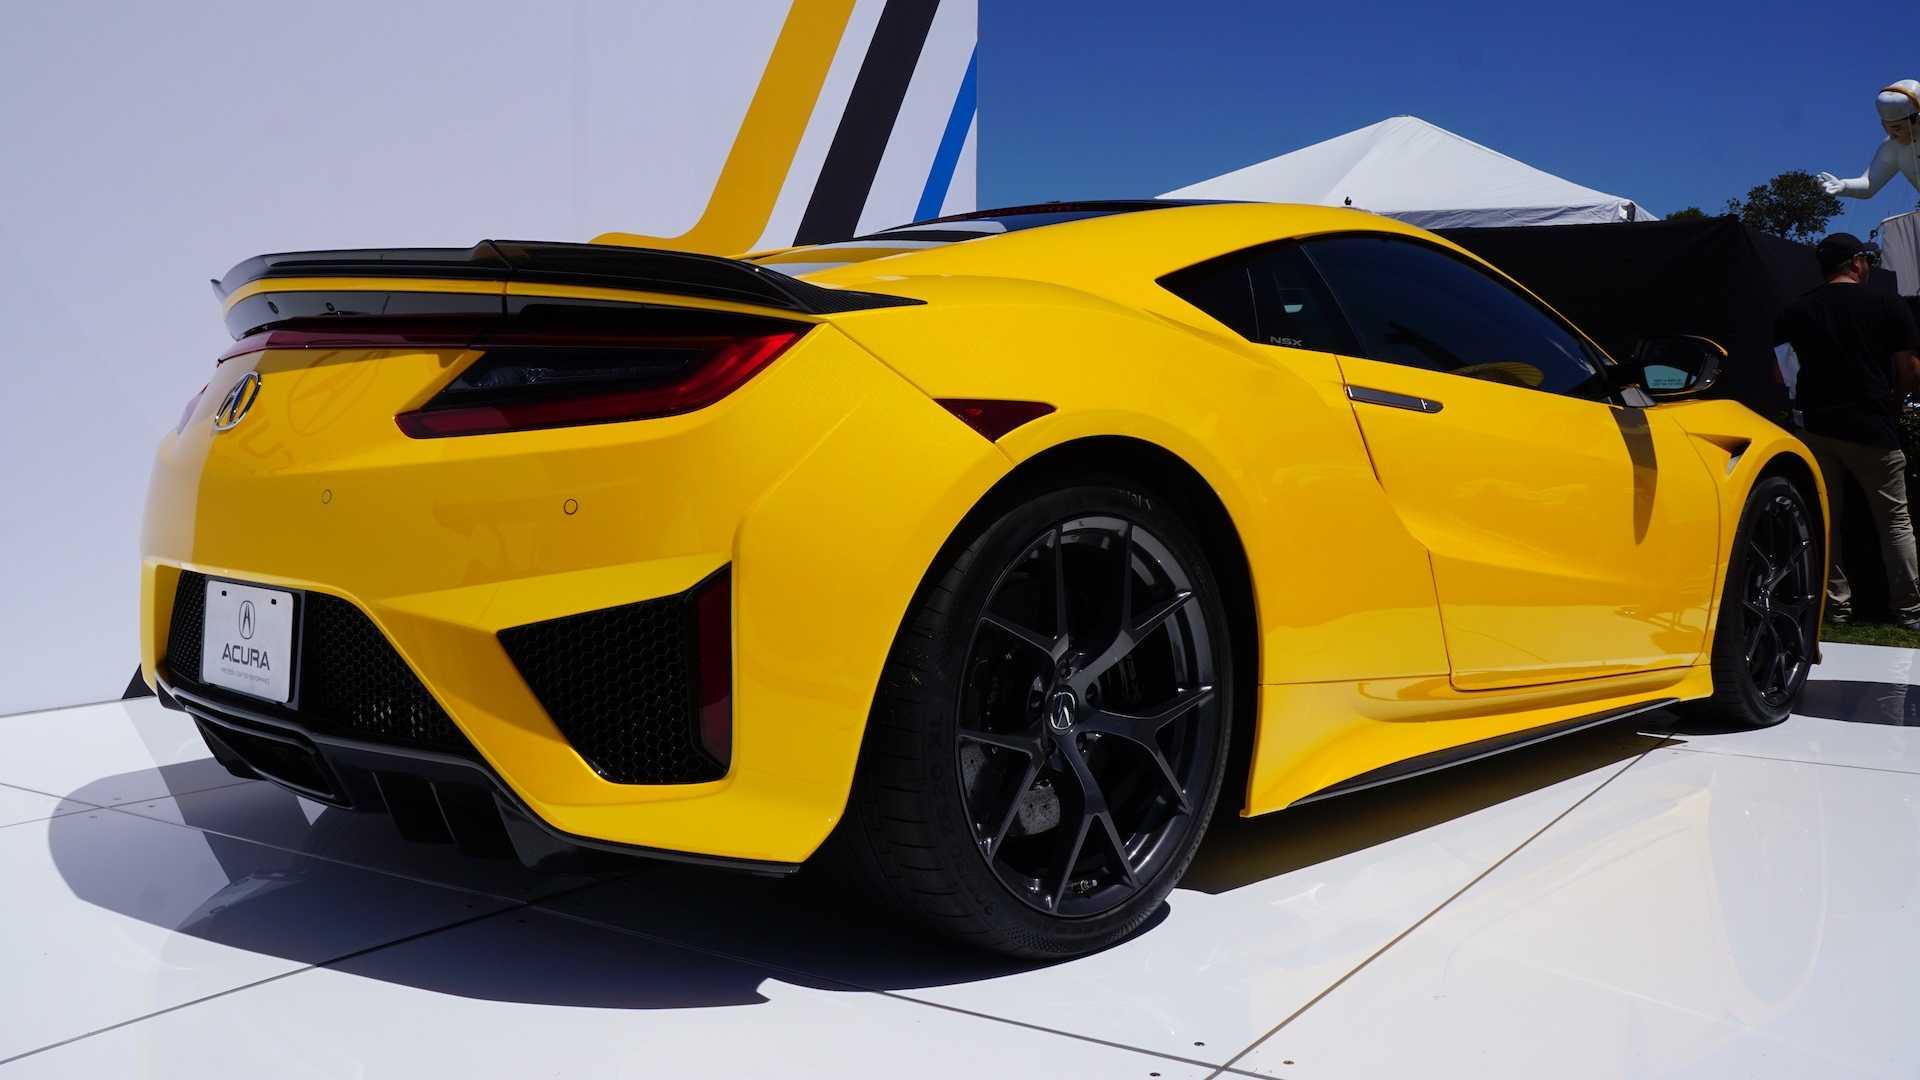 ura歌NSX R型和NSX Spider将于2021年下半年发布